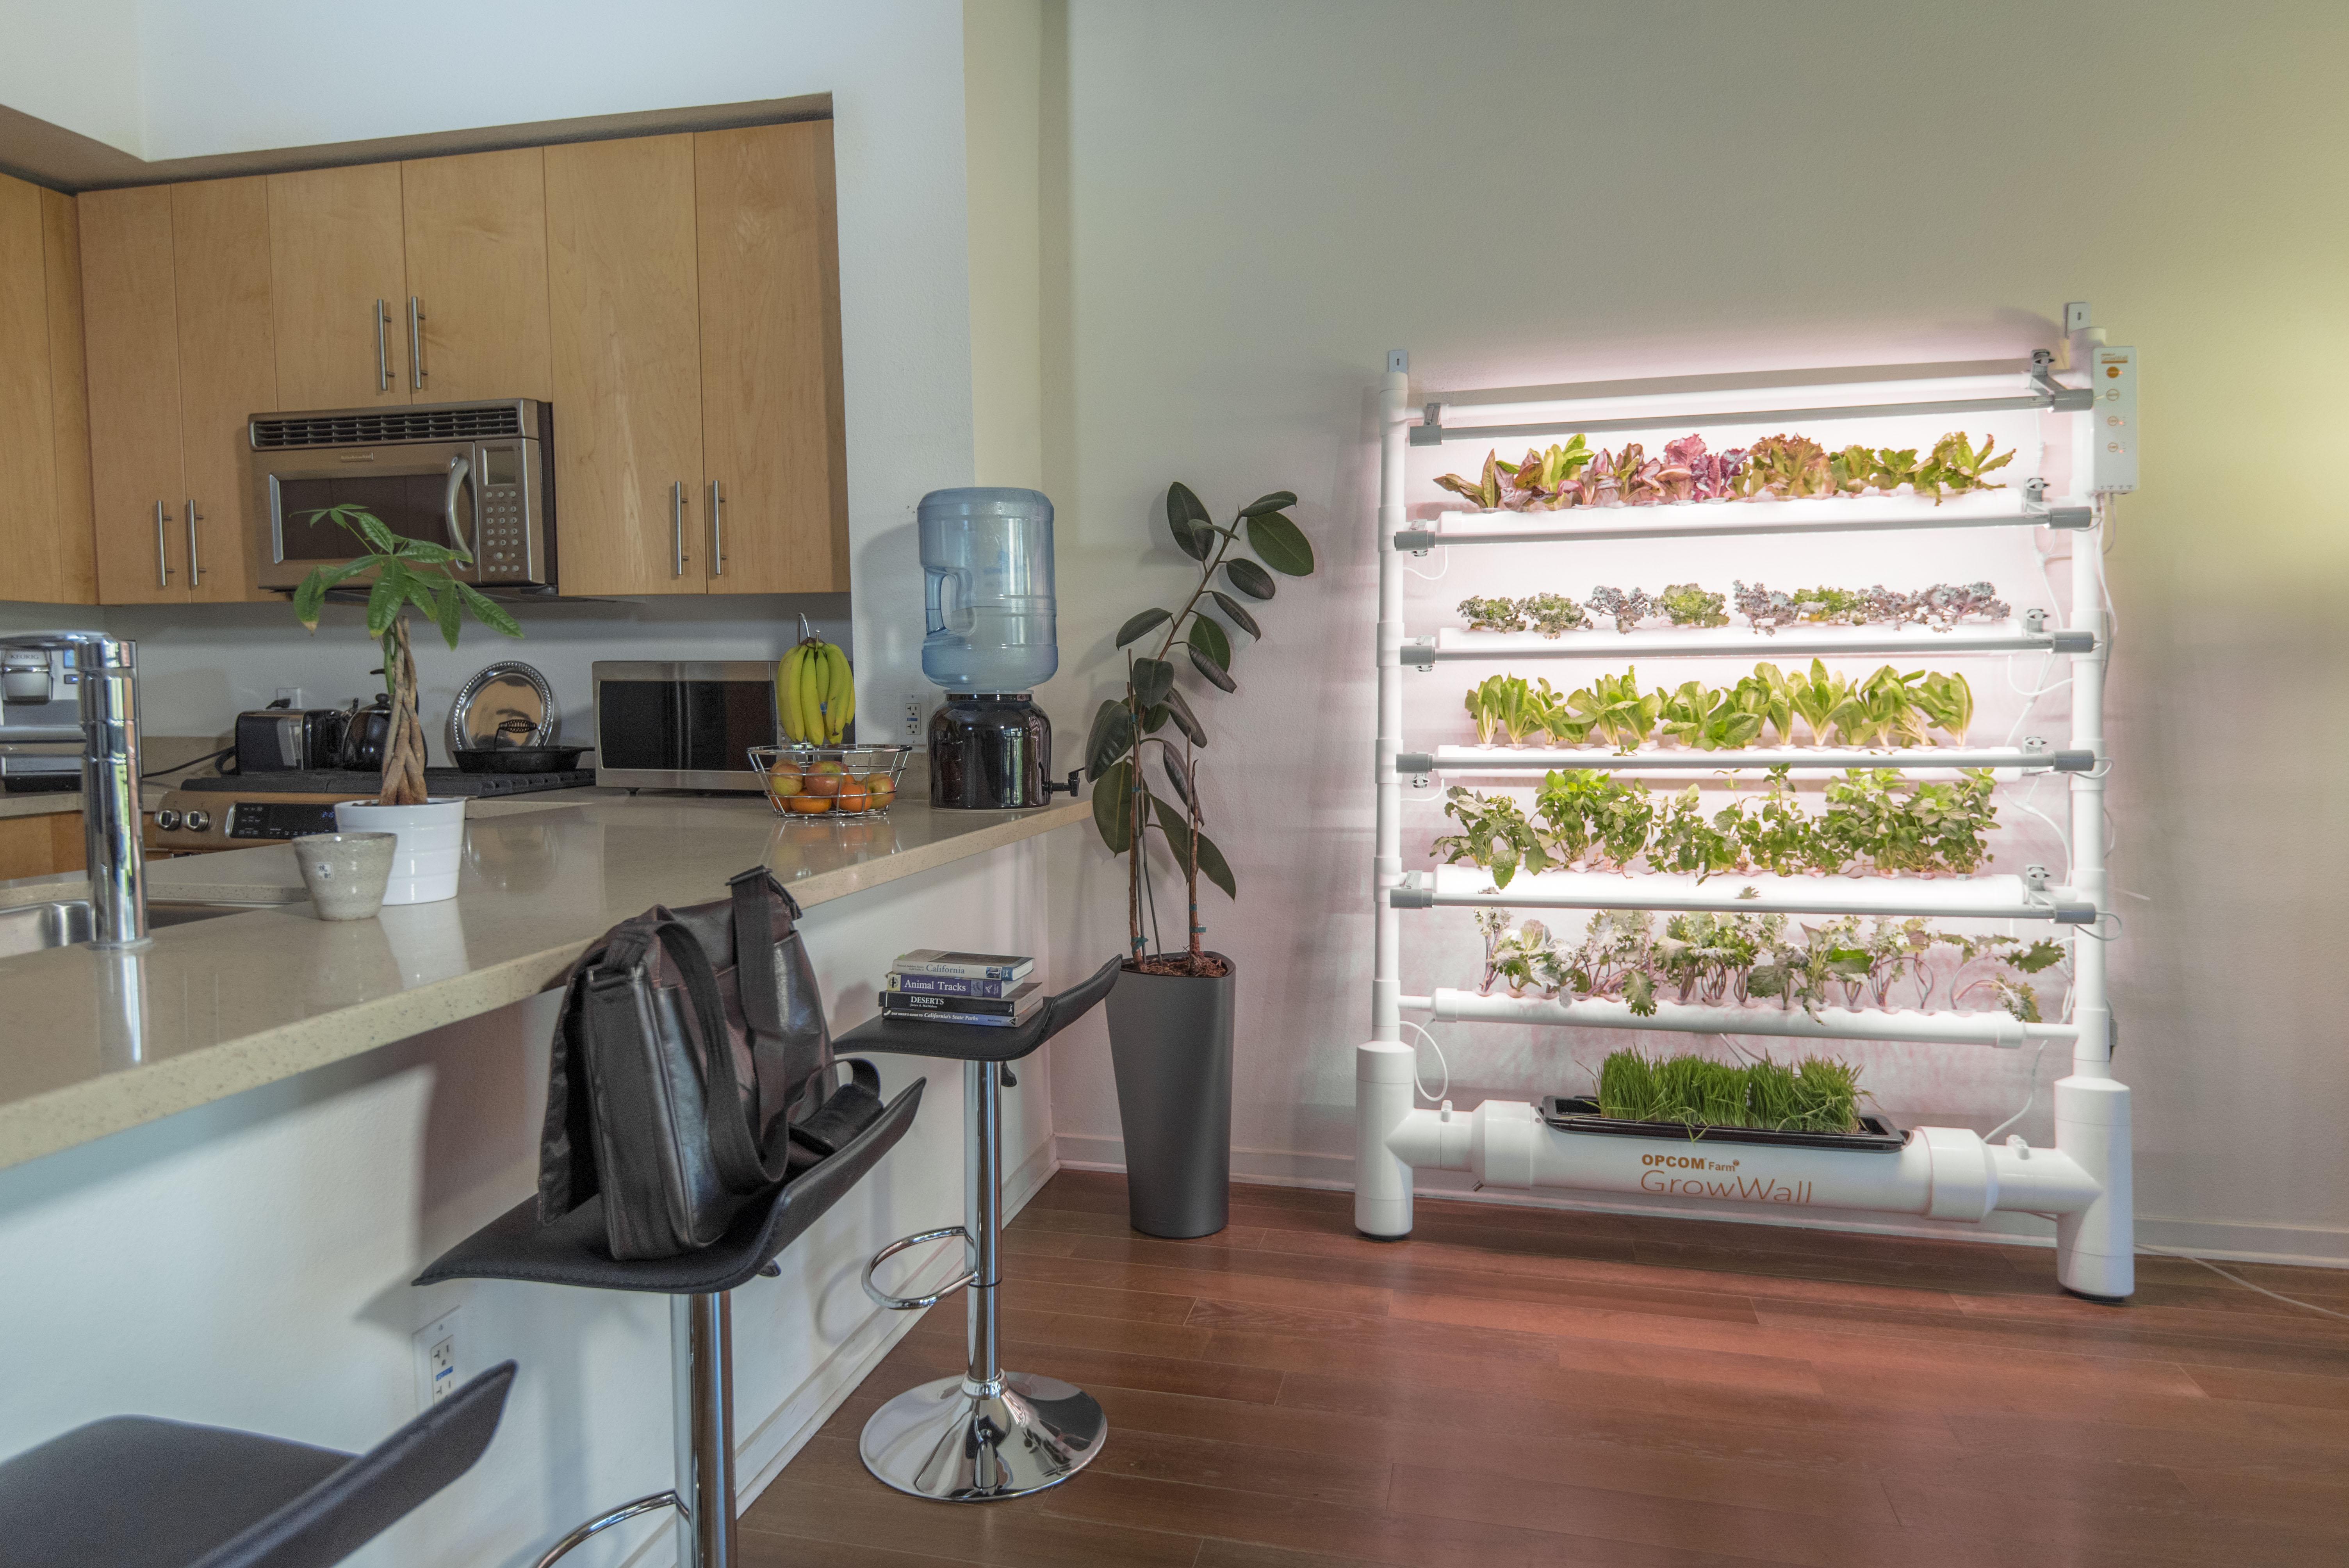 Для выращивания зелени в квартире